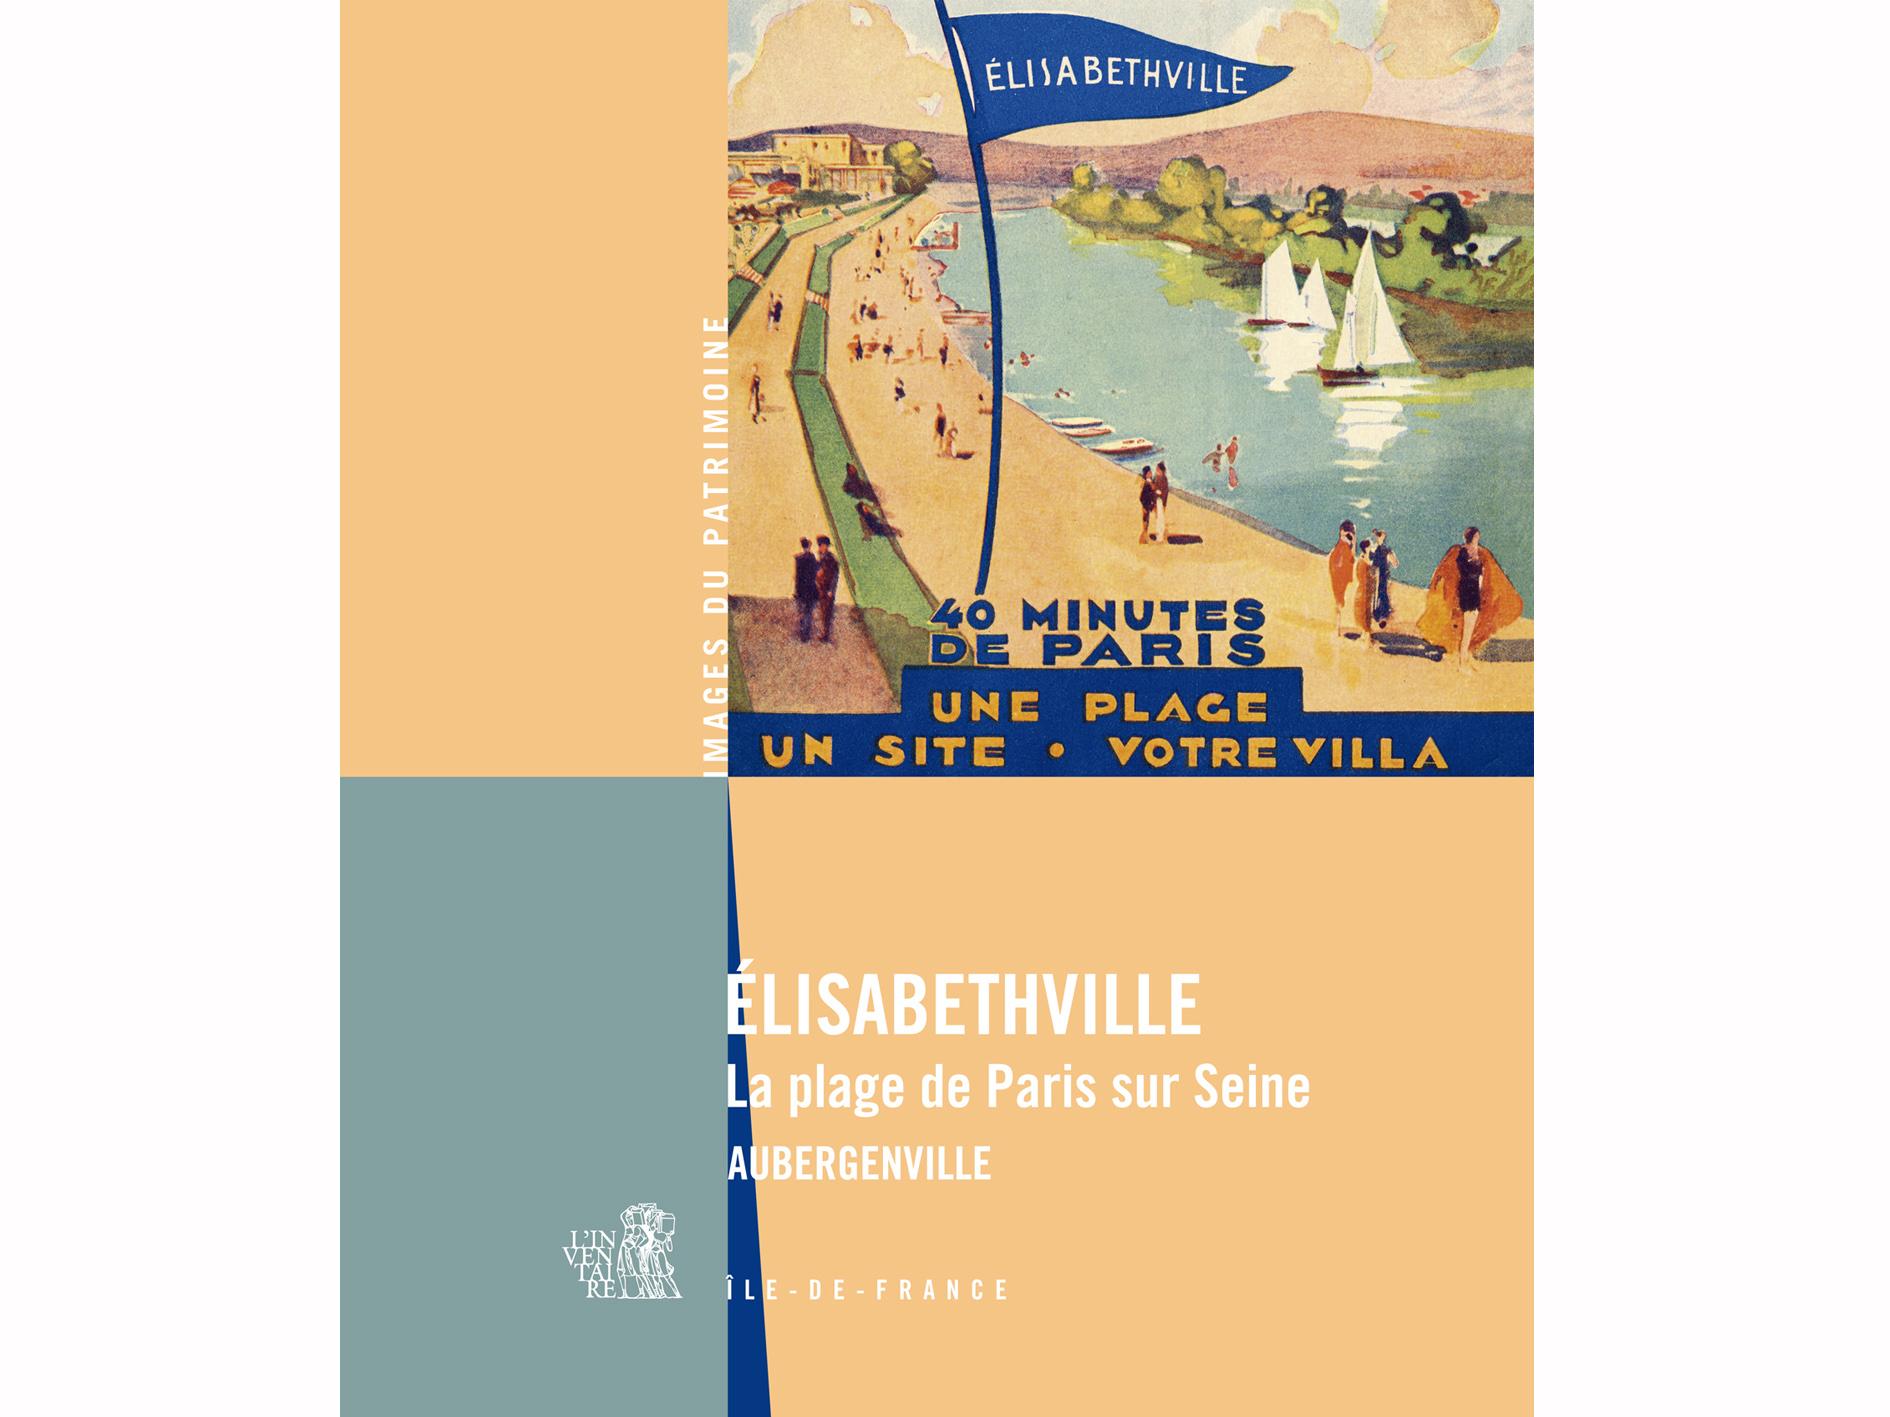 Galette 2018 Elisabethville300x300_copie